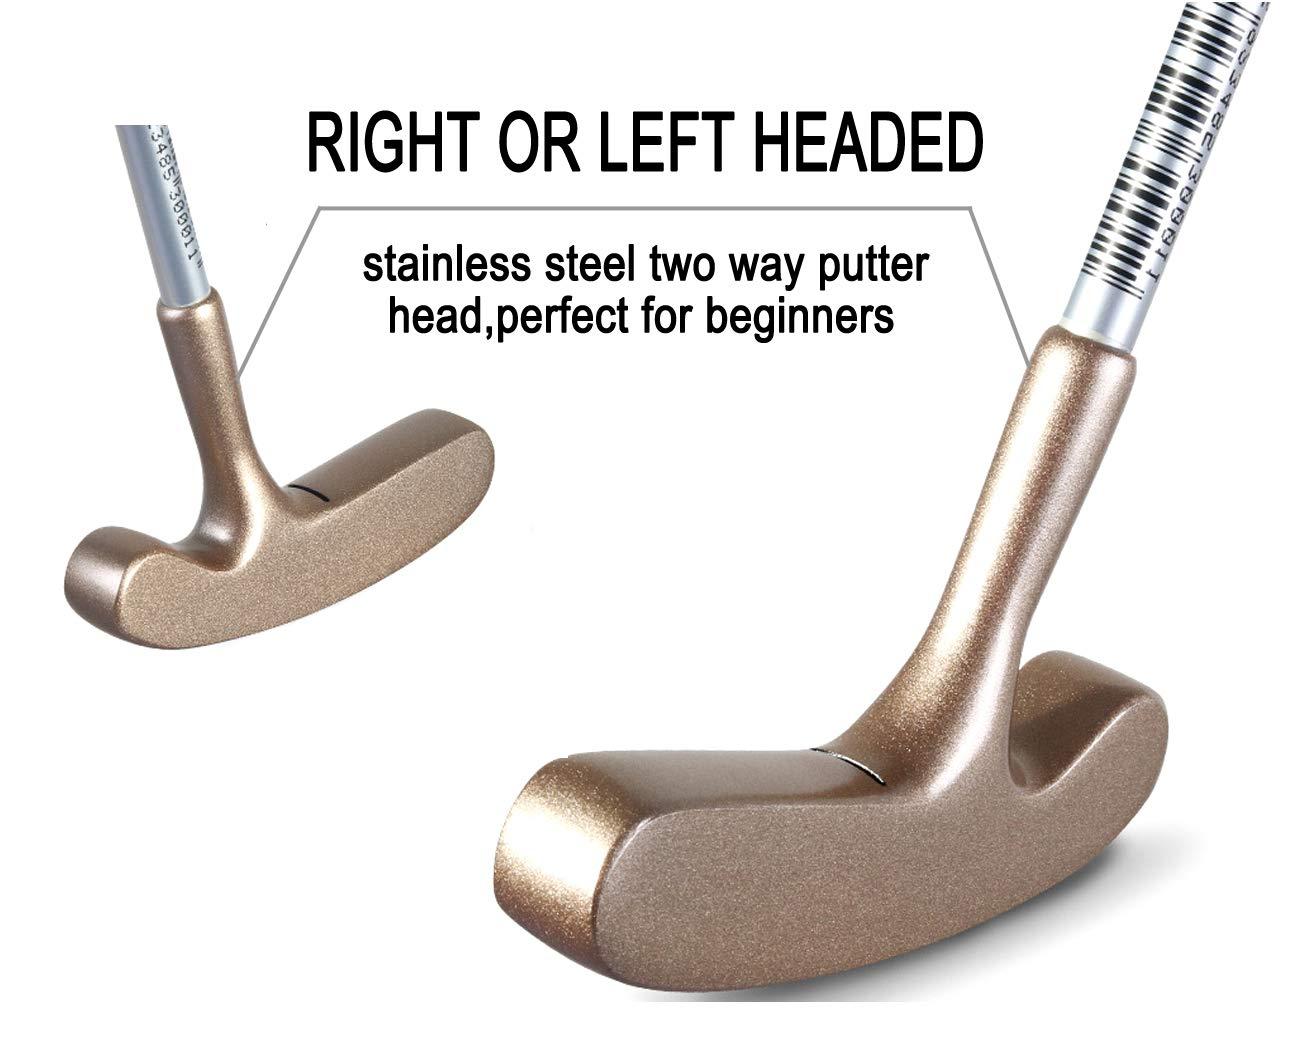 Amazon.com: Acstar - Putter de golf para niños de dos vías ...